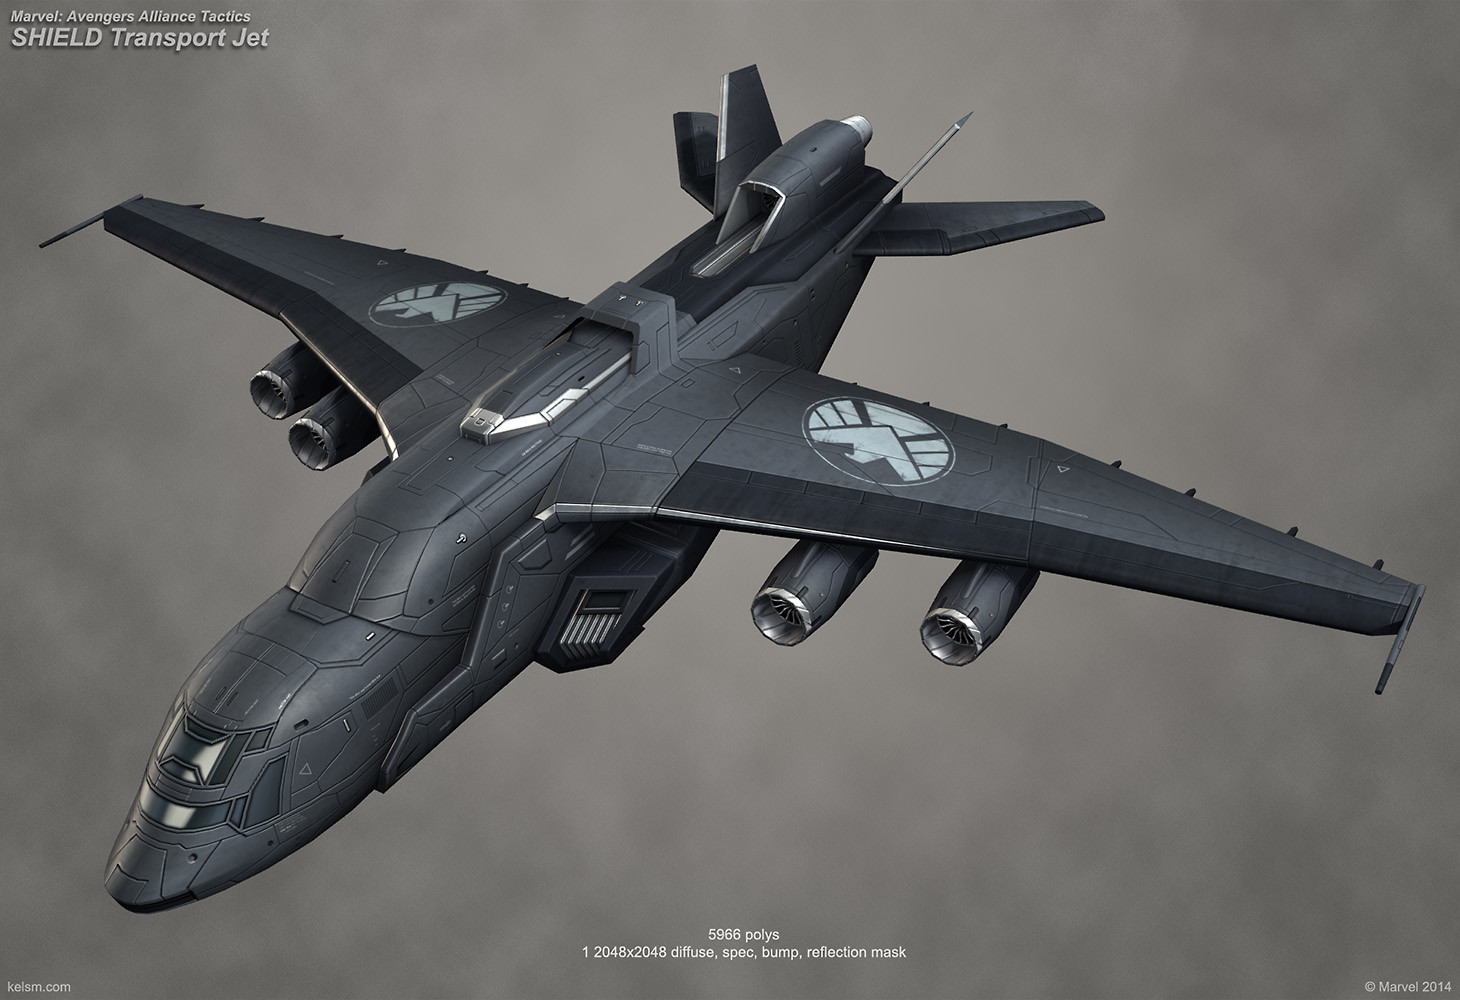 S.H.I.E.L.D. Transport Jet